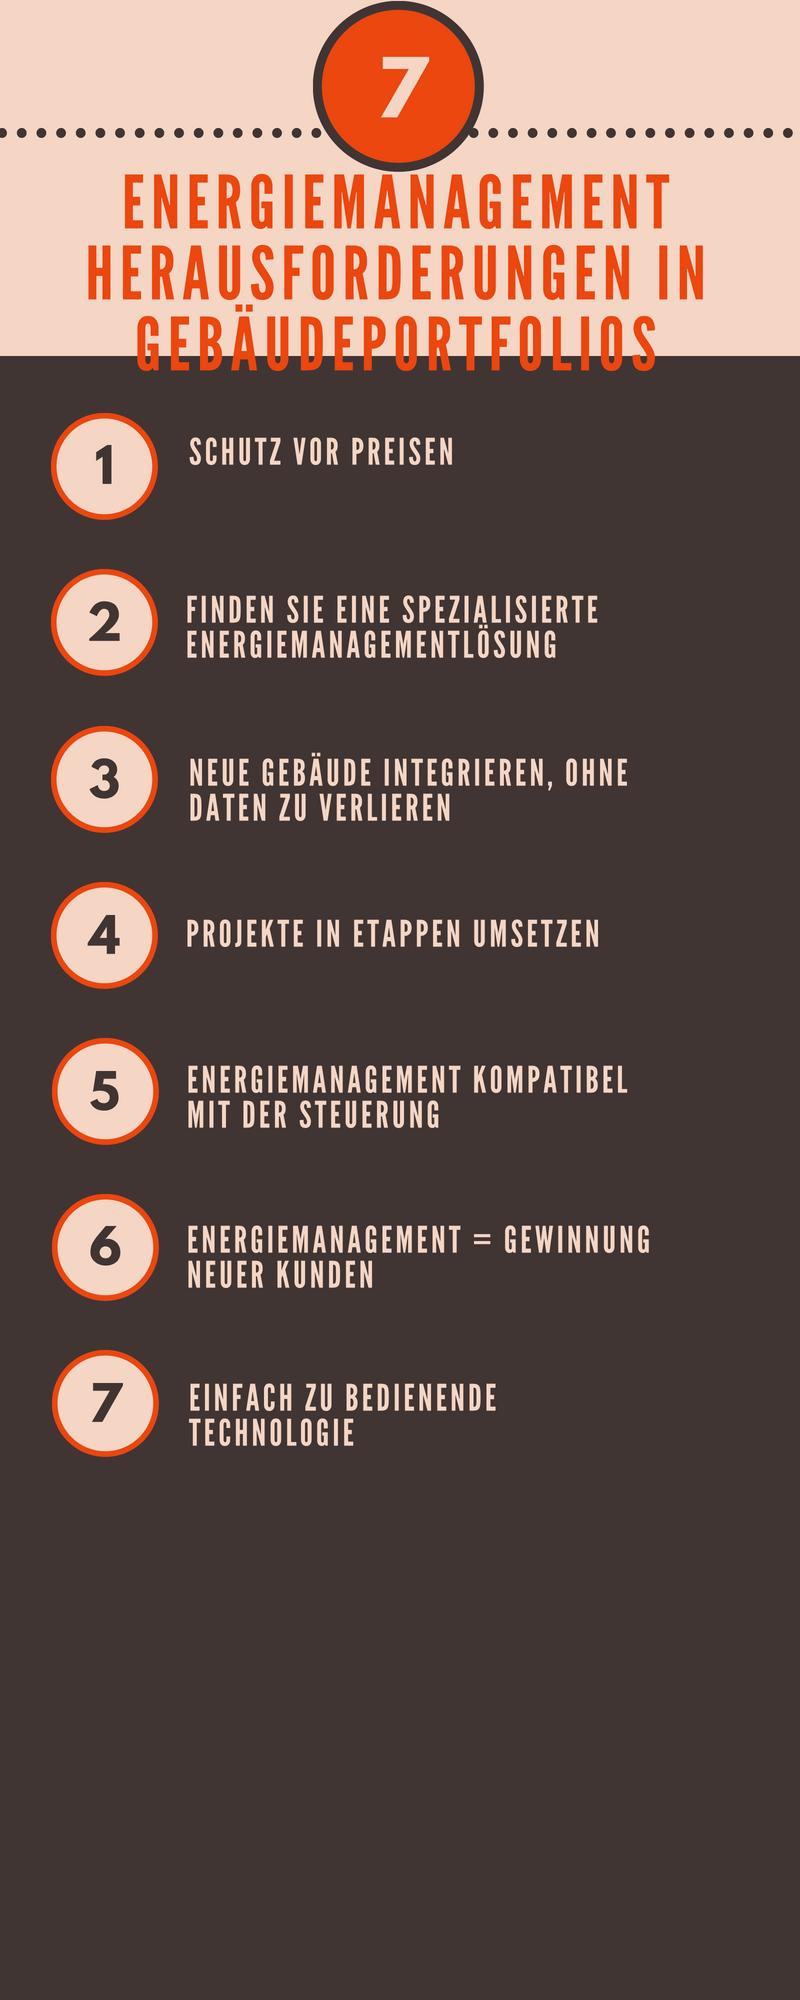 Energiemanagement Herausforderung in Gebäudeportfolios